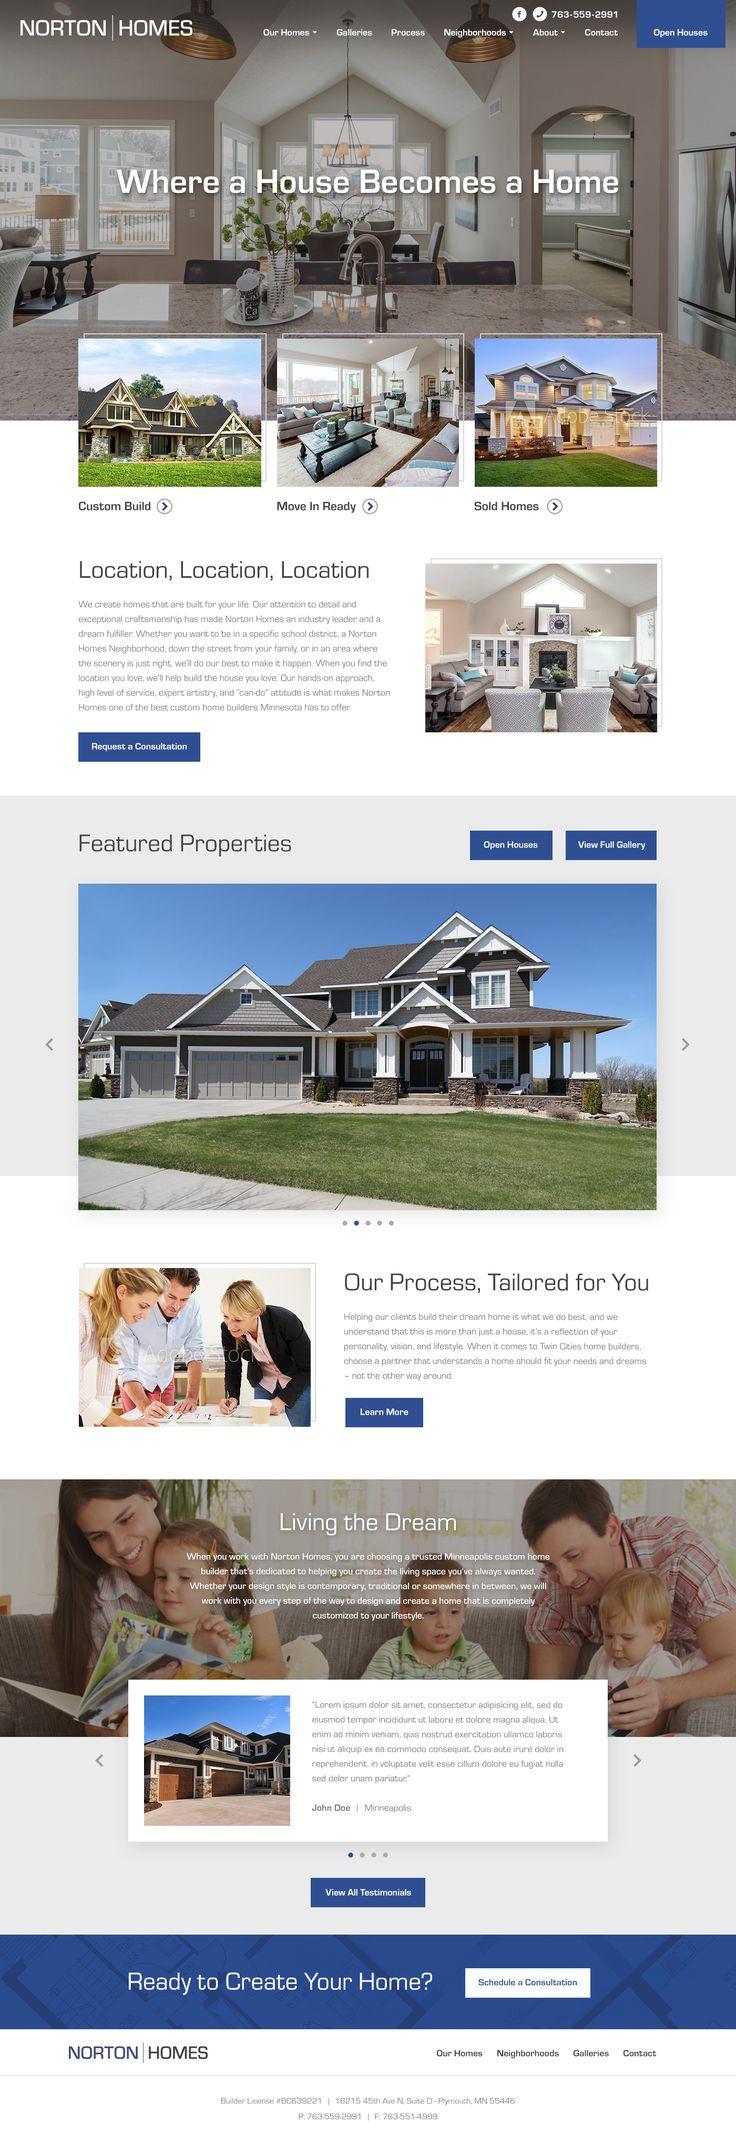 Home builder website design by: Mike Delsing